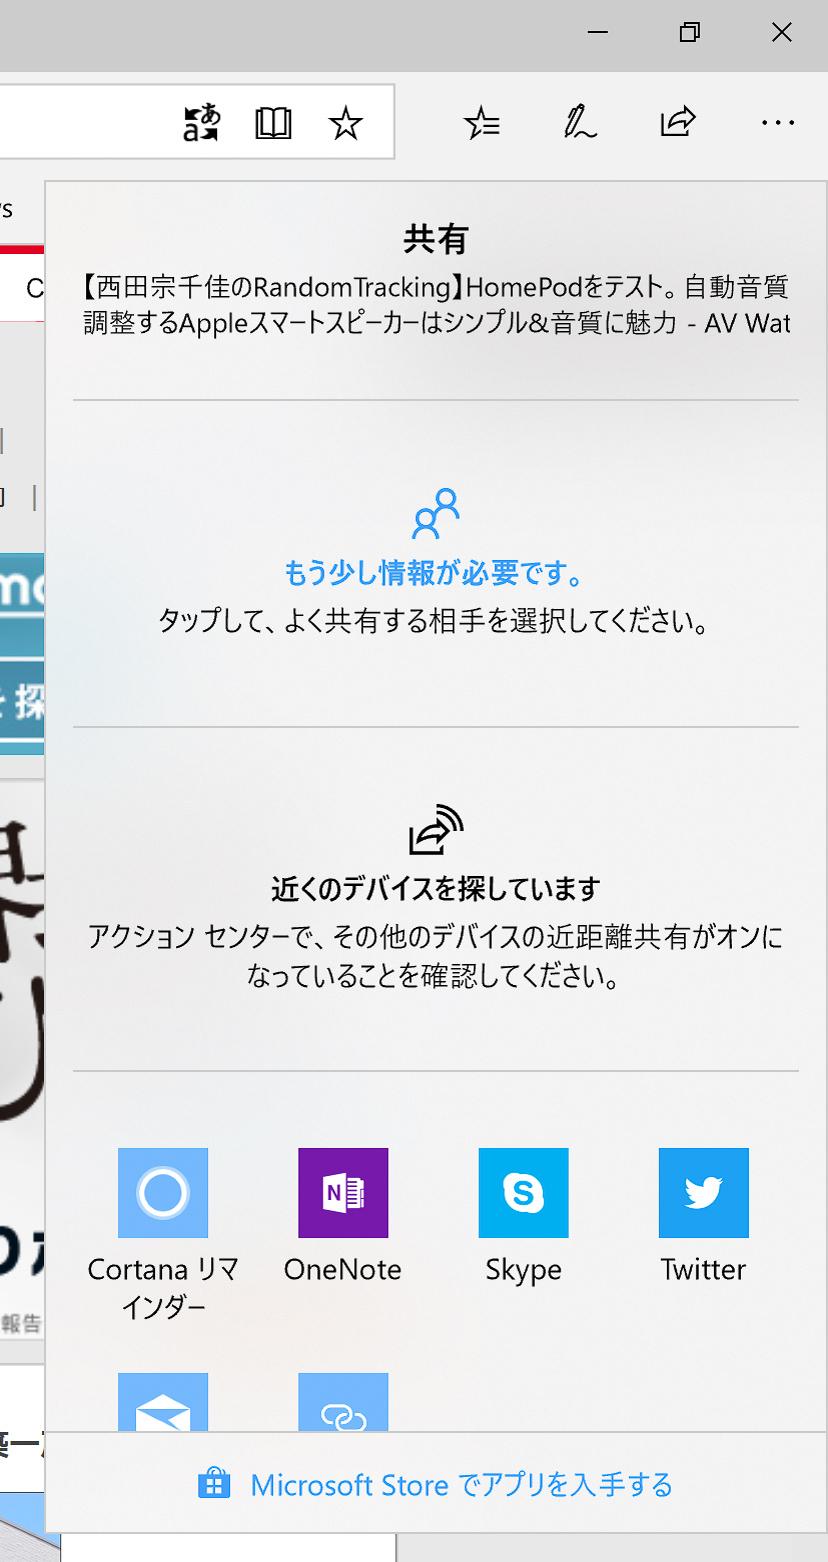 Edgeを使っている場合、近くにあるPCなどへURLを送れる。使うのは、SNSへのシェアなどと同じく「共有」ボタン。